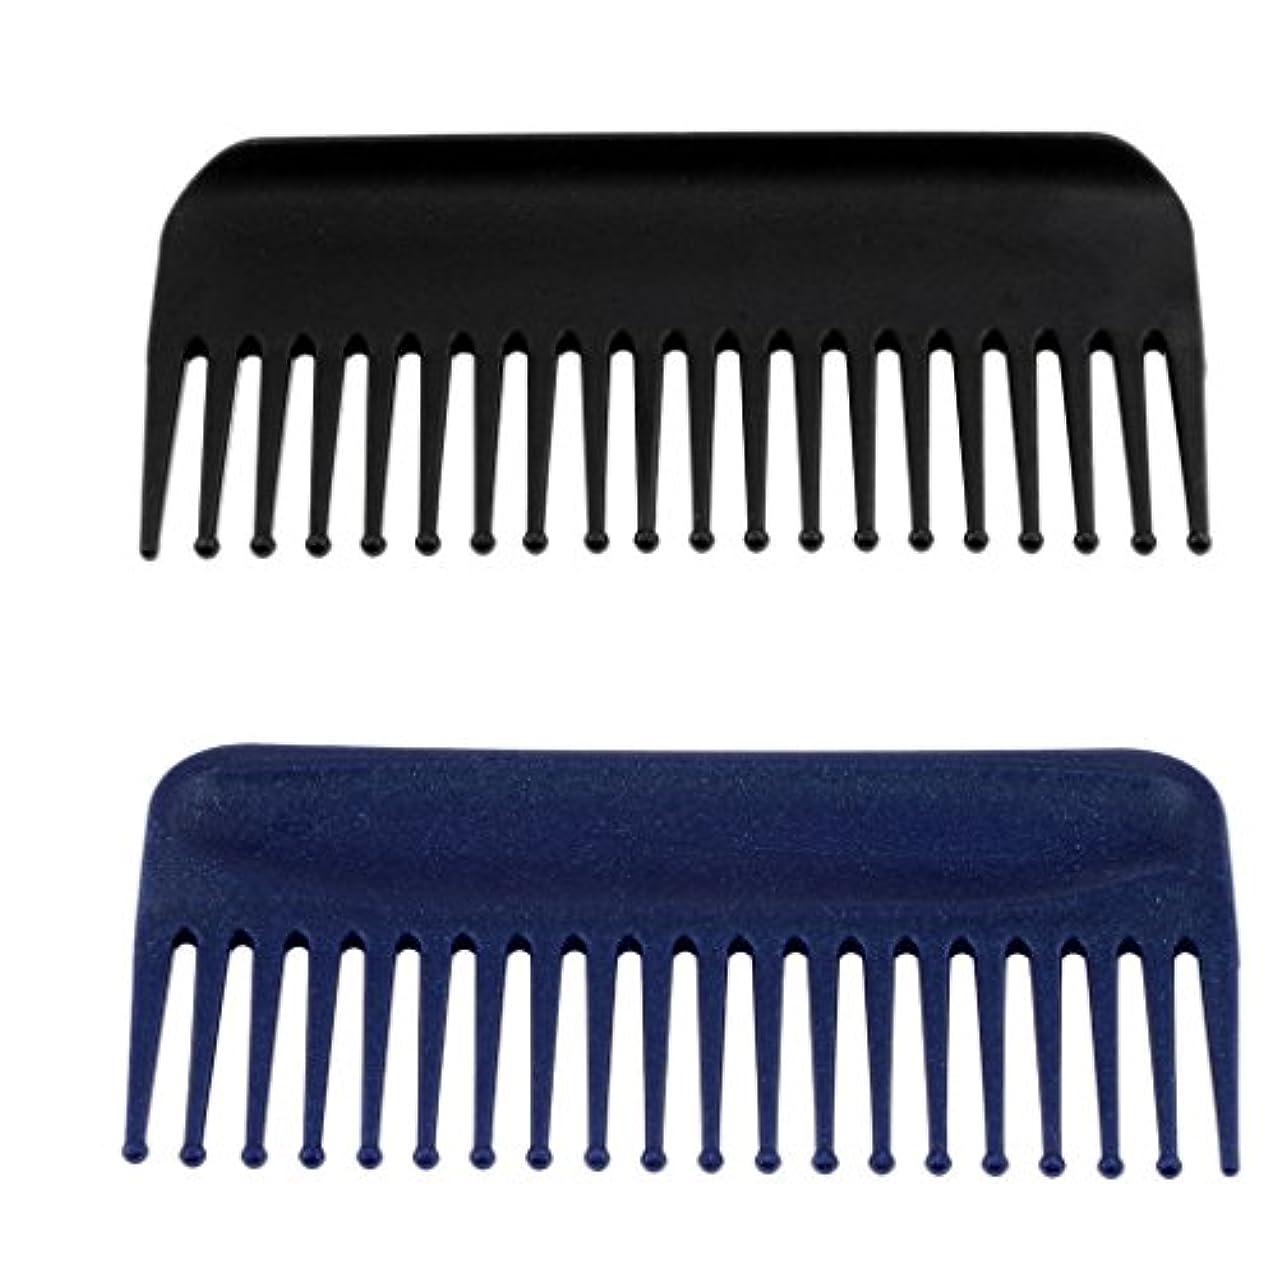 リスタブレットりHomyl ヘアコーム くし 櫛 ヘアブラシ  頭皮マッサージ ヘアケア 高品質 静電気防止 プラスチック製 2個